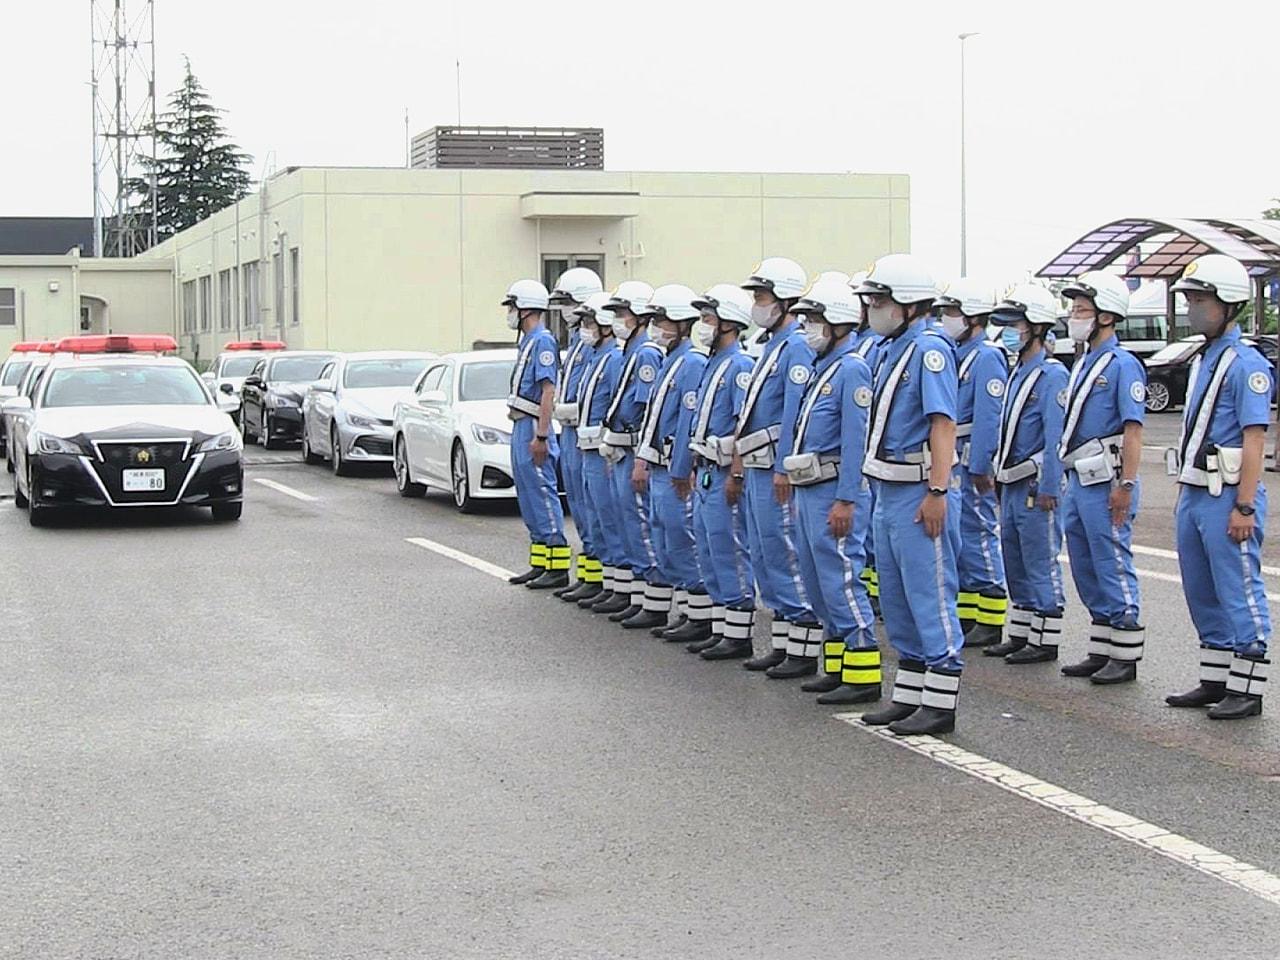 急ブレーキや車間距離を取らないなどのあおり運転への罰則が強化された改正道路交通法...